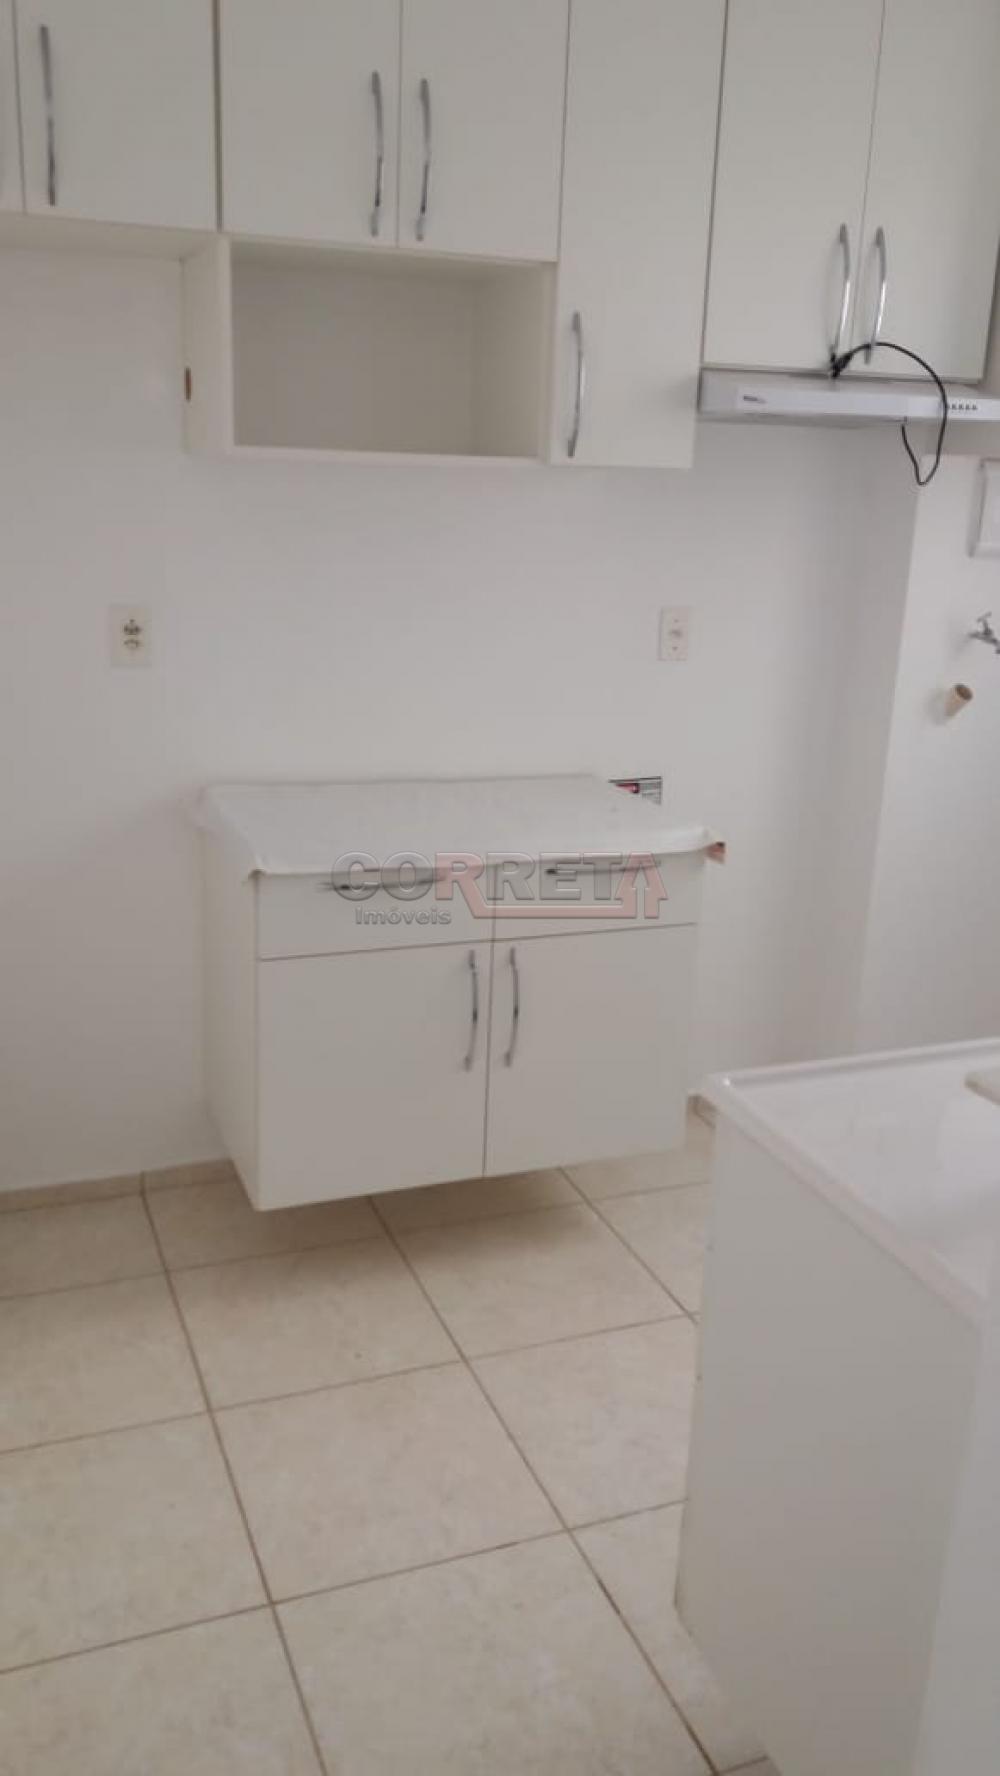 Alugar Apartamento / Padrão em Araçatuba apenas R$ 800,00 - Foto 5